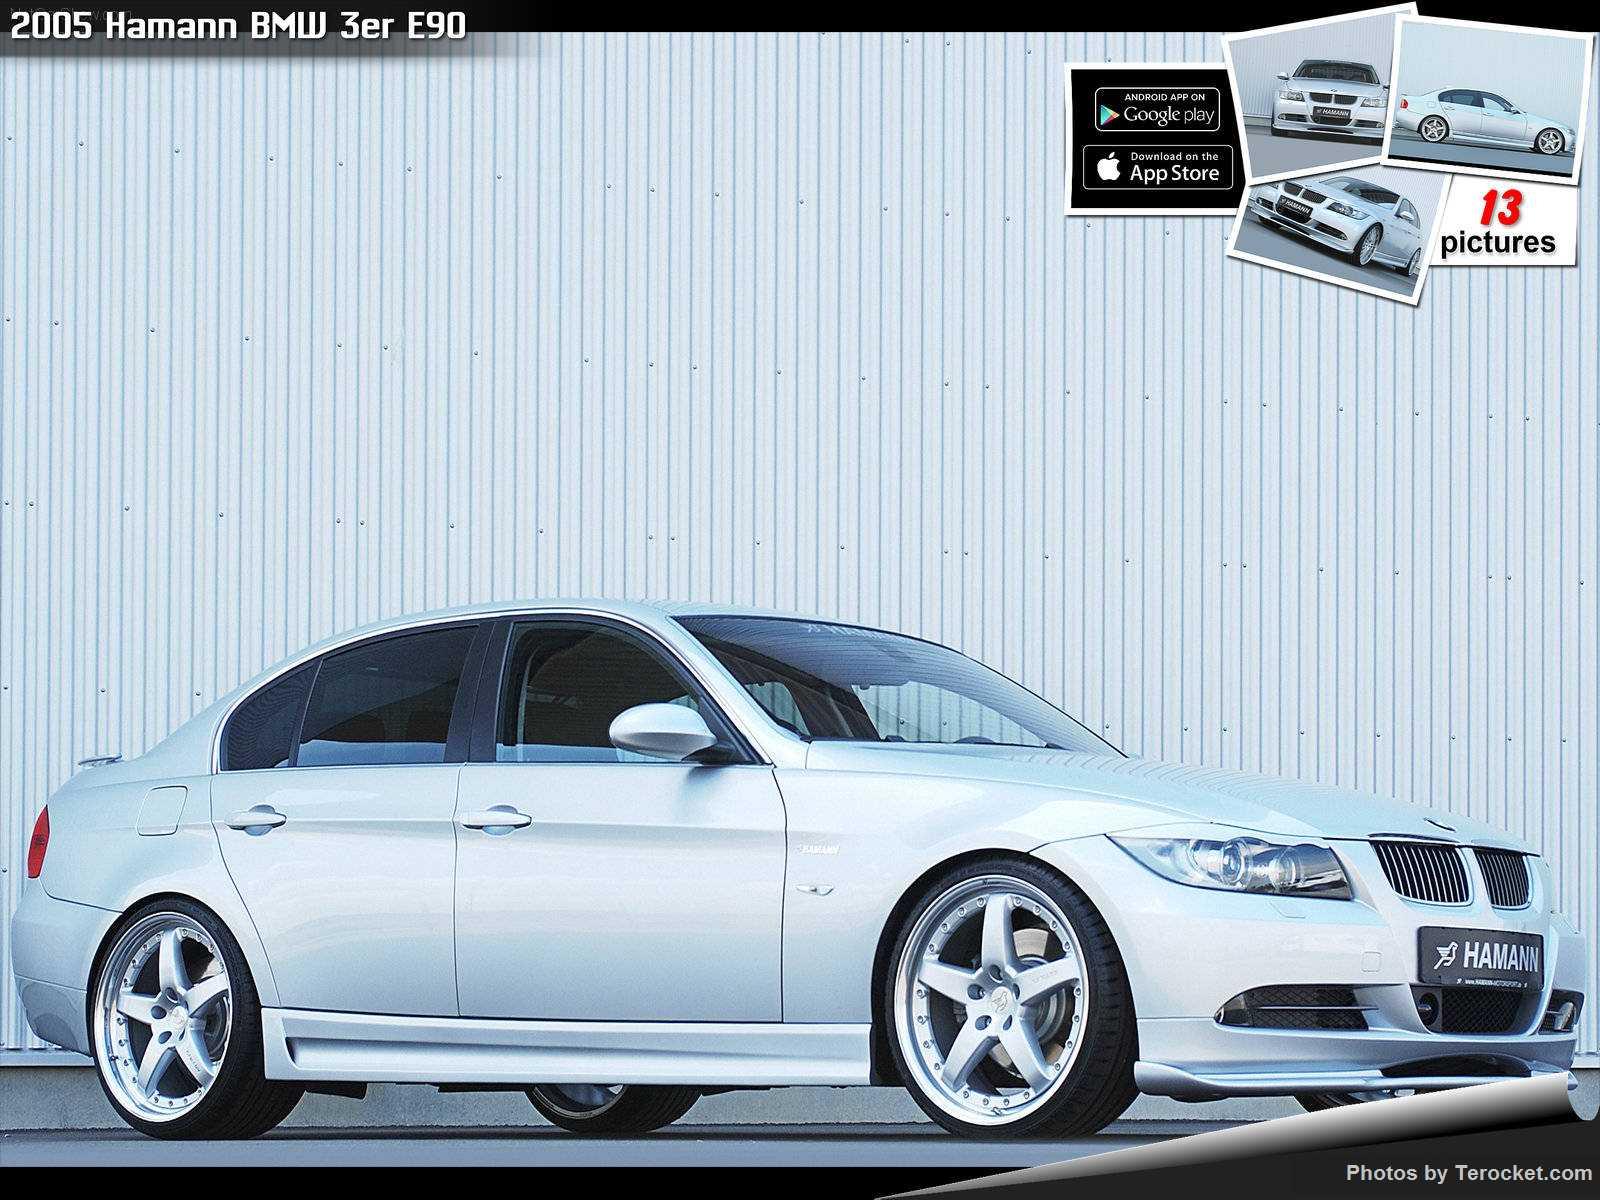 Hình ảnh xe ô tô Hamann BMW 3er E90 2005 & nội ngoại thất